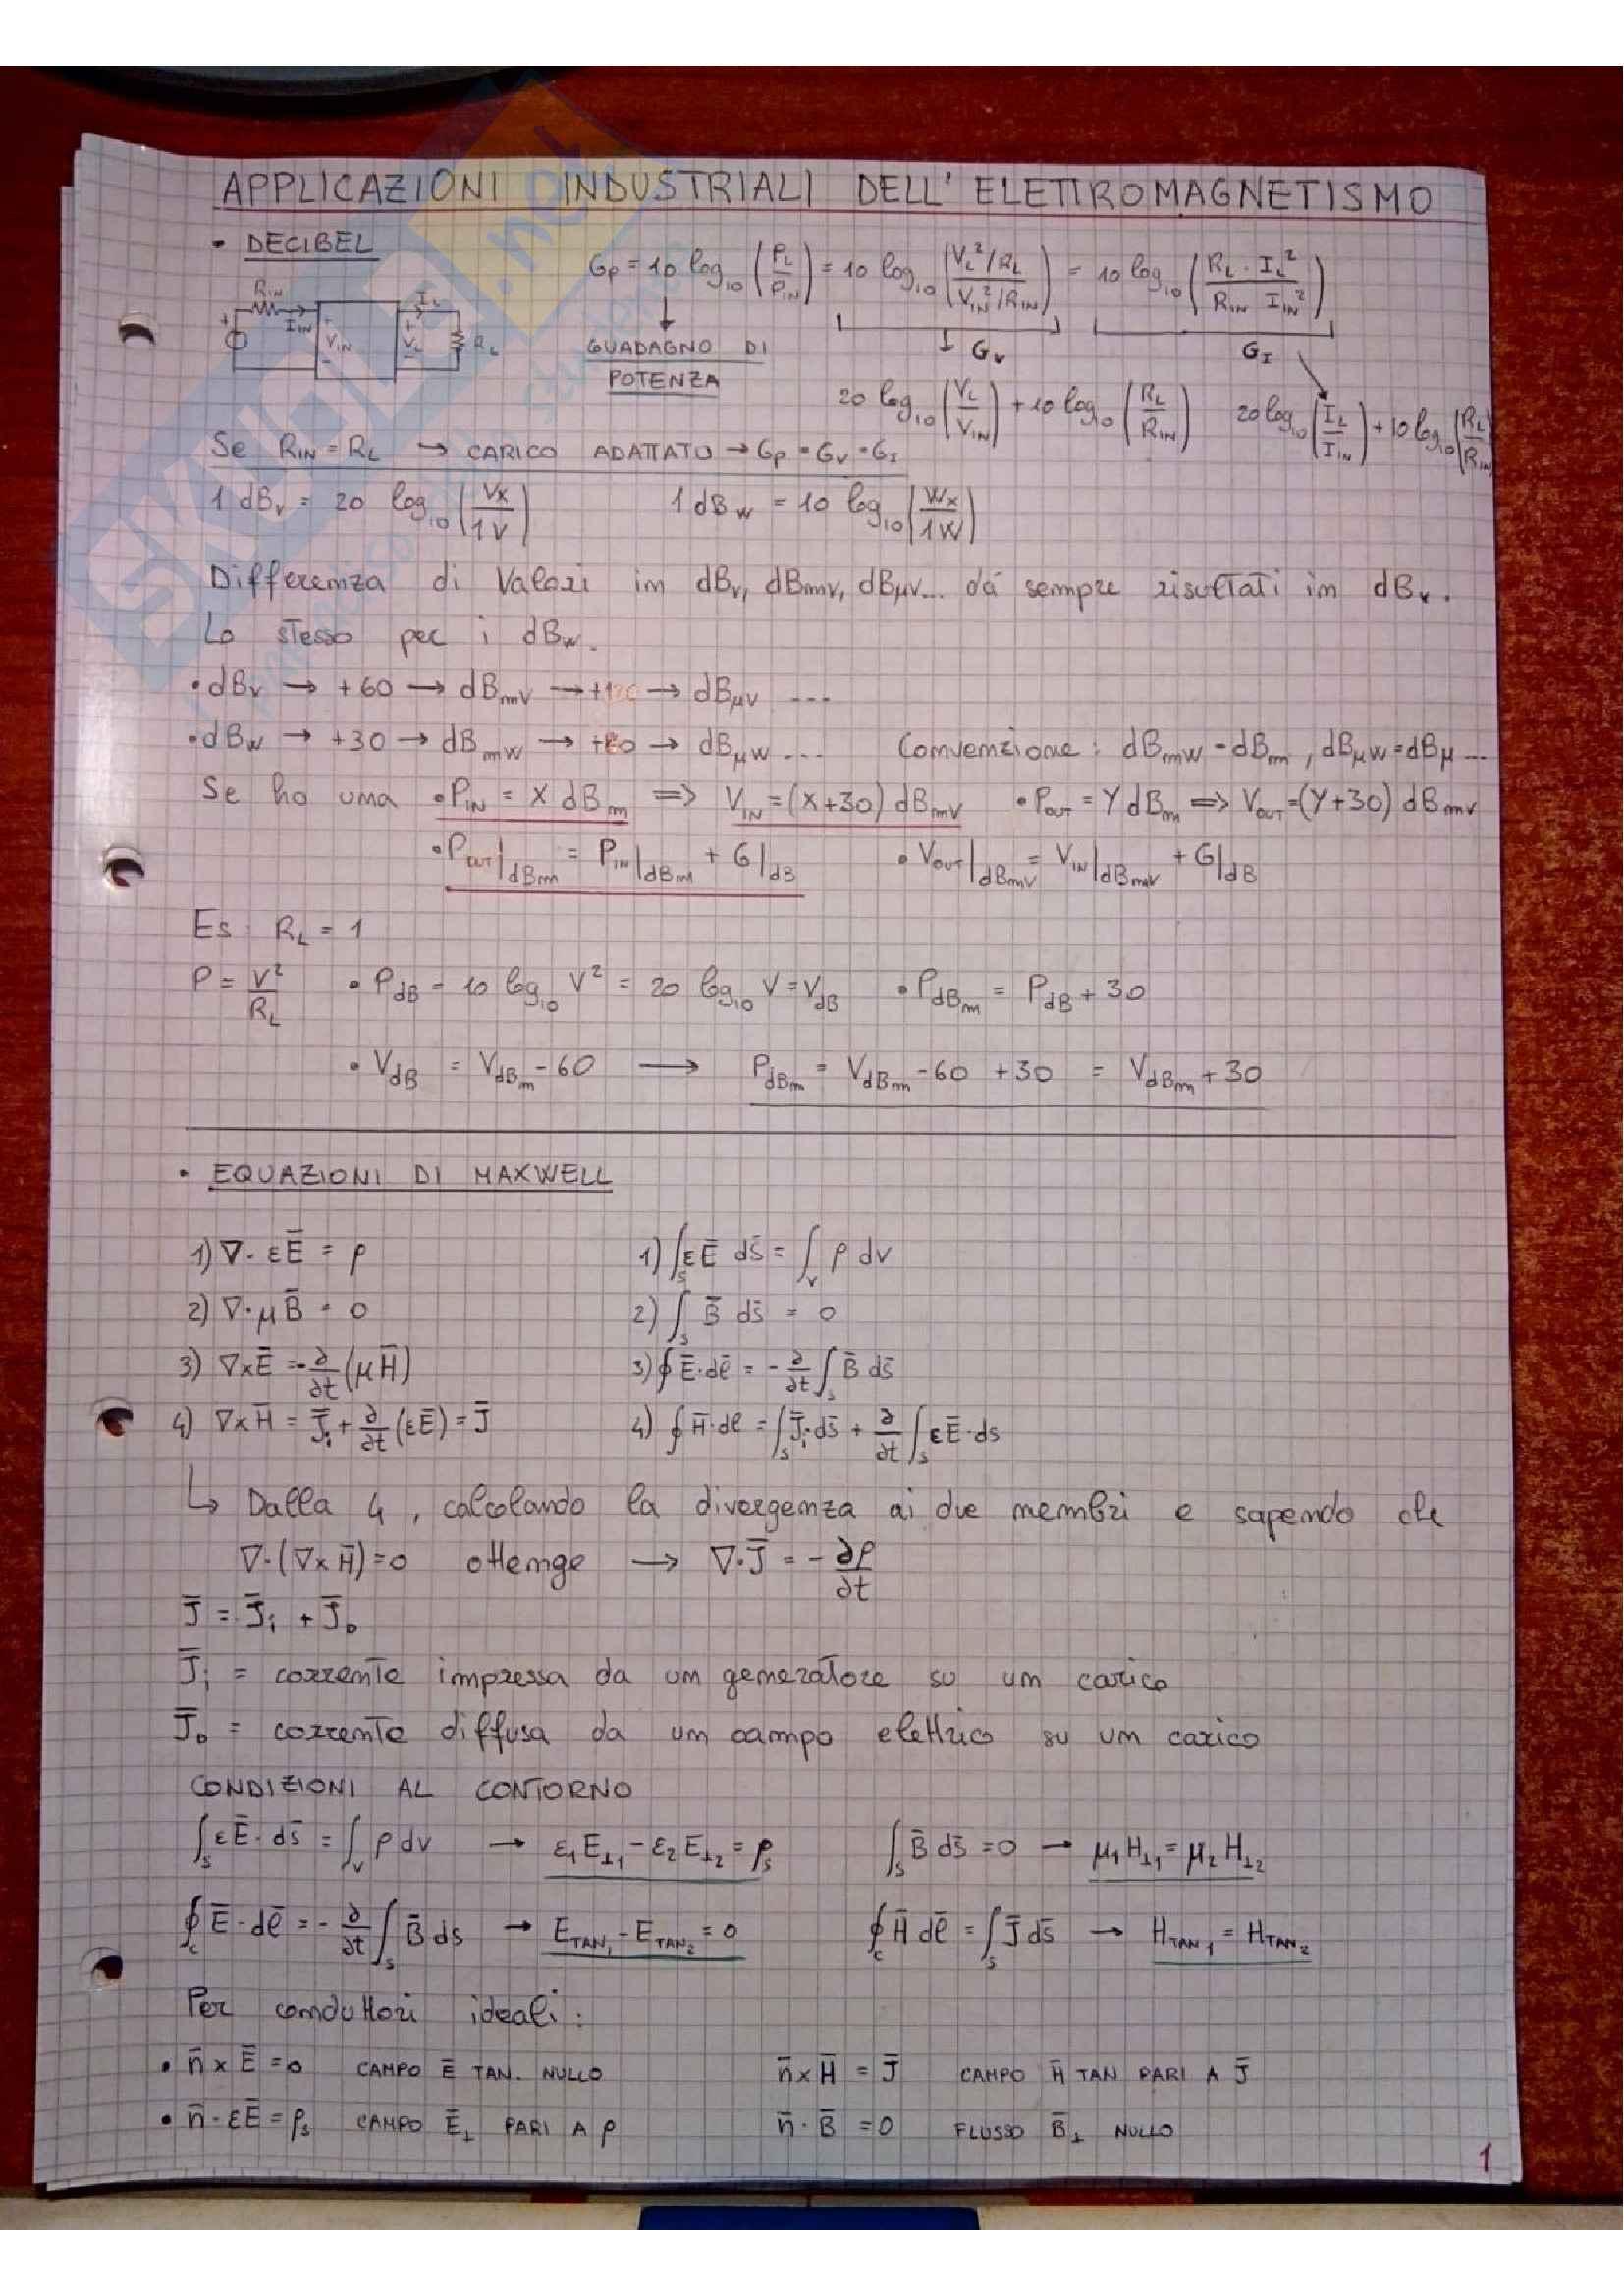 Applicazioni Industriali dell' Elettromagnetismo - Teoria